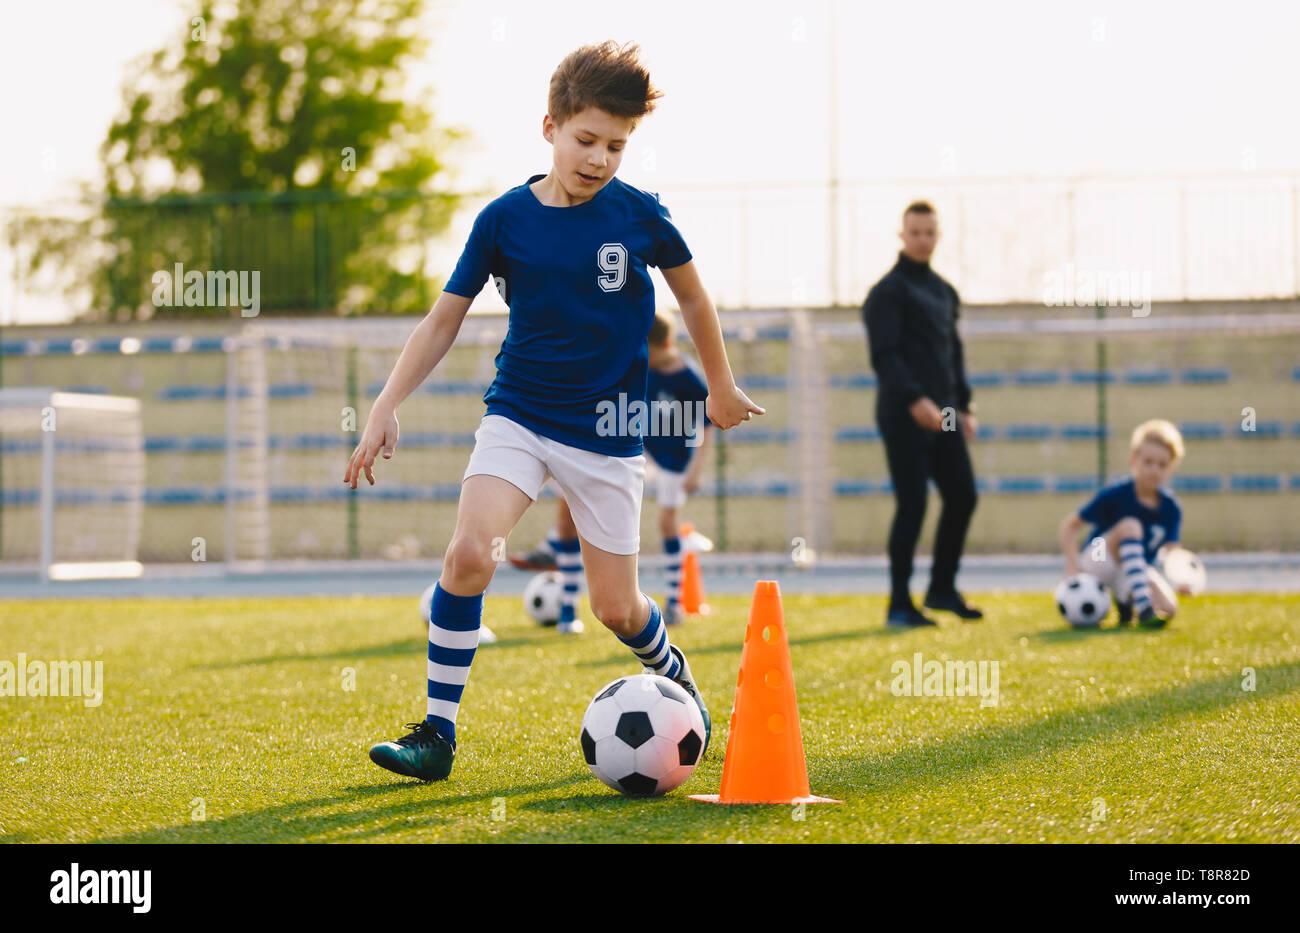 Los niños formación regateando en un campo de fútbol. Niños corriendo la bola. Los jugadores de fútbol de desarrollar sus habilidades técnicas. Los niños entrenamiento con pelotas y conos. S Foto de stock